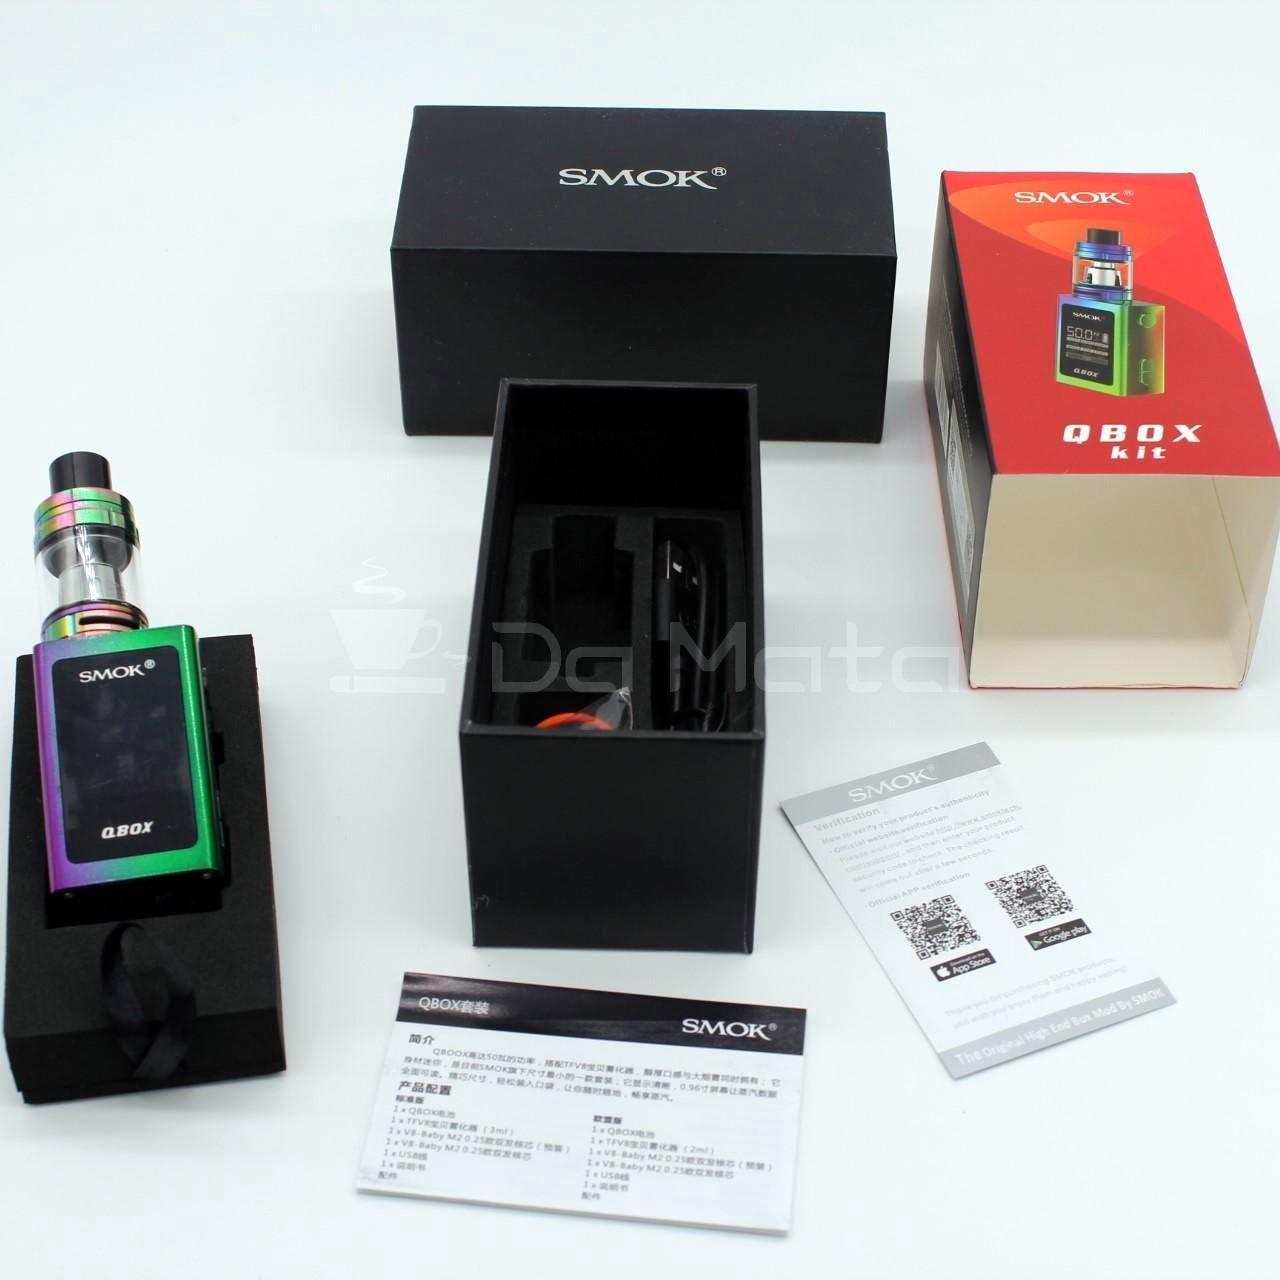 Vaporizador Smok Qbox Kit